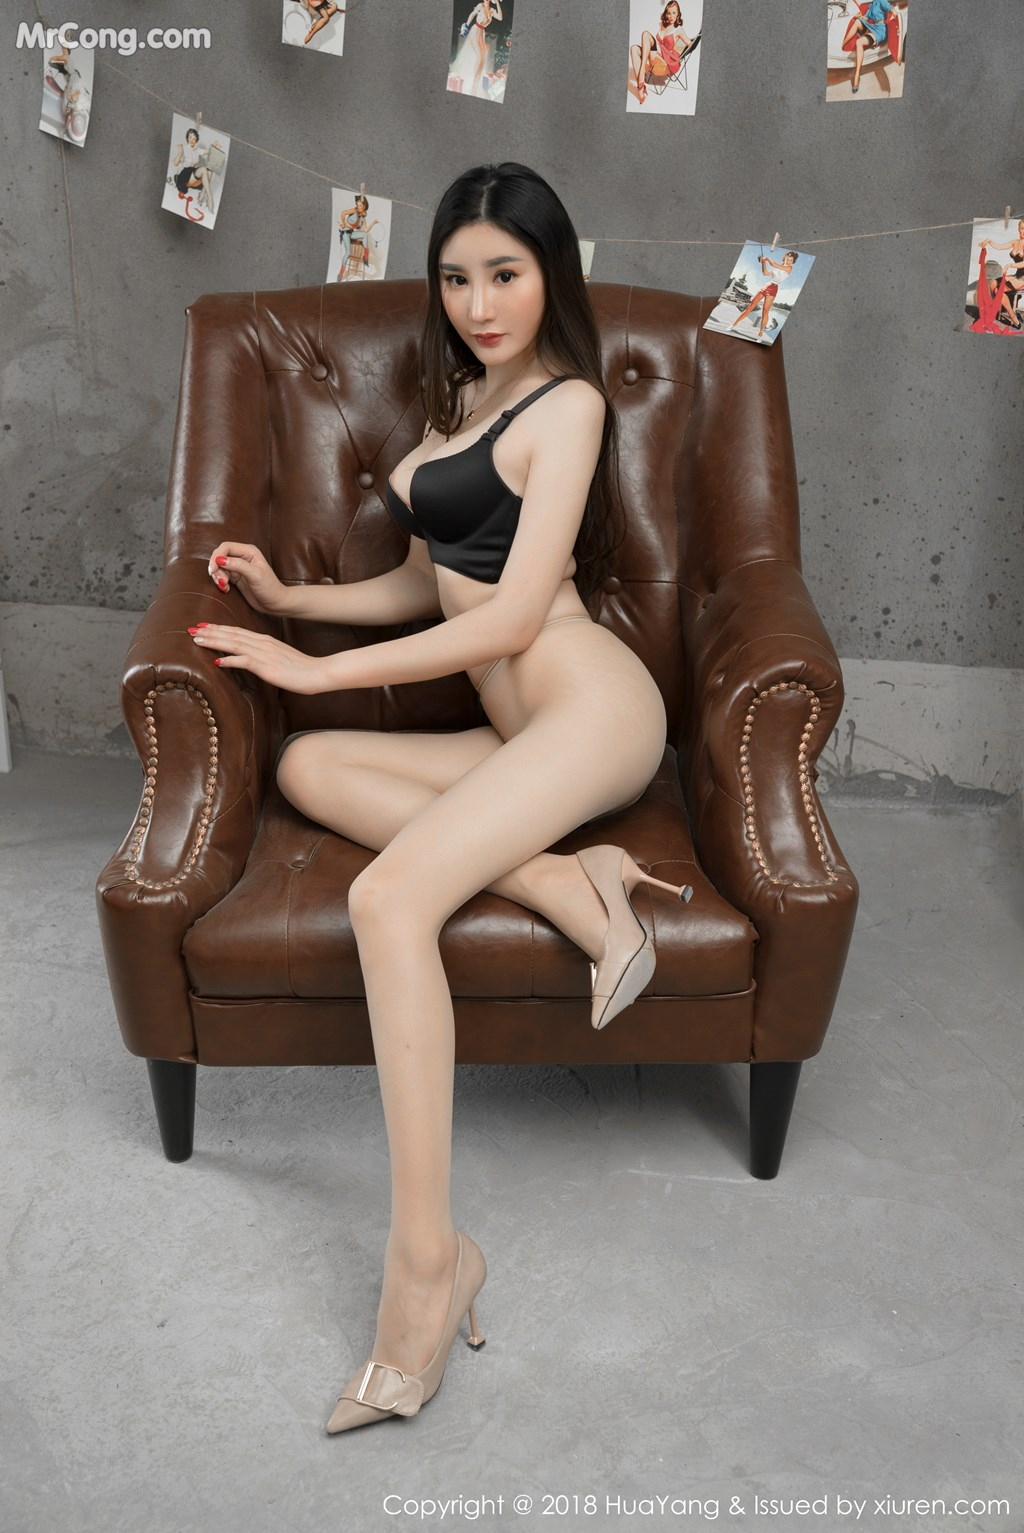 Image HuaYang-2018-03-02-Vol.034-Xiao-Tian-Xin-Candy-MrCong.com-005 in post HuaYang 2018-03-02 Vol.034: Người mẫu Xiao Tian Xin (小甜心Candy) (41 ảnh)